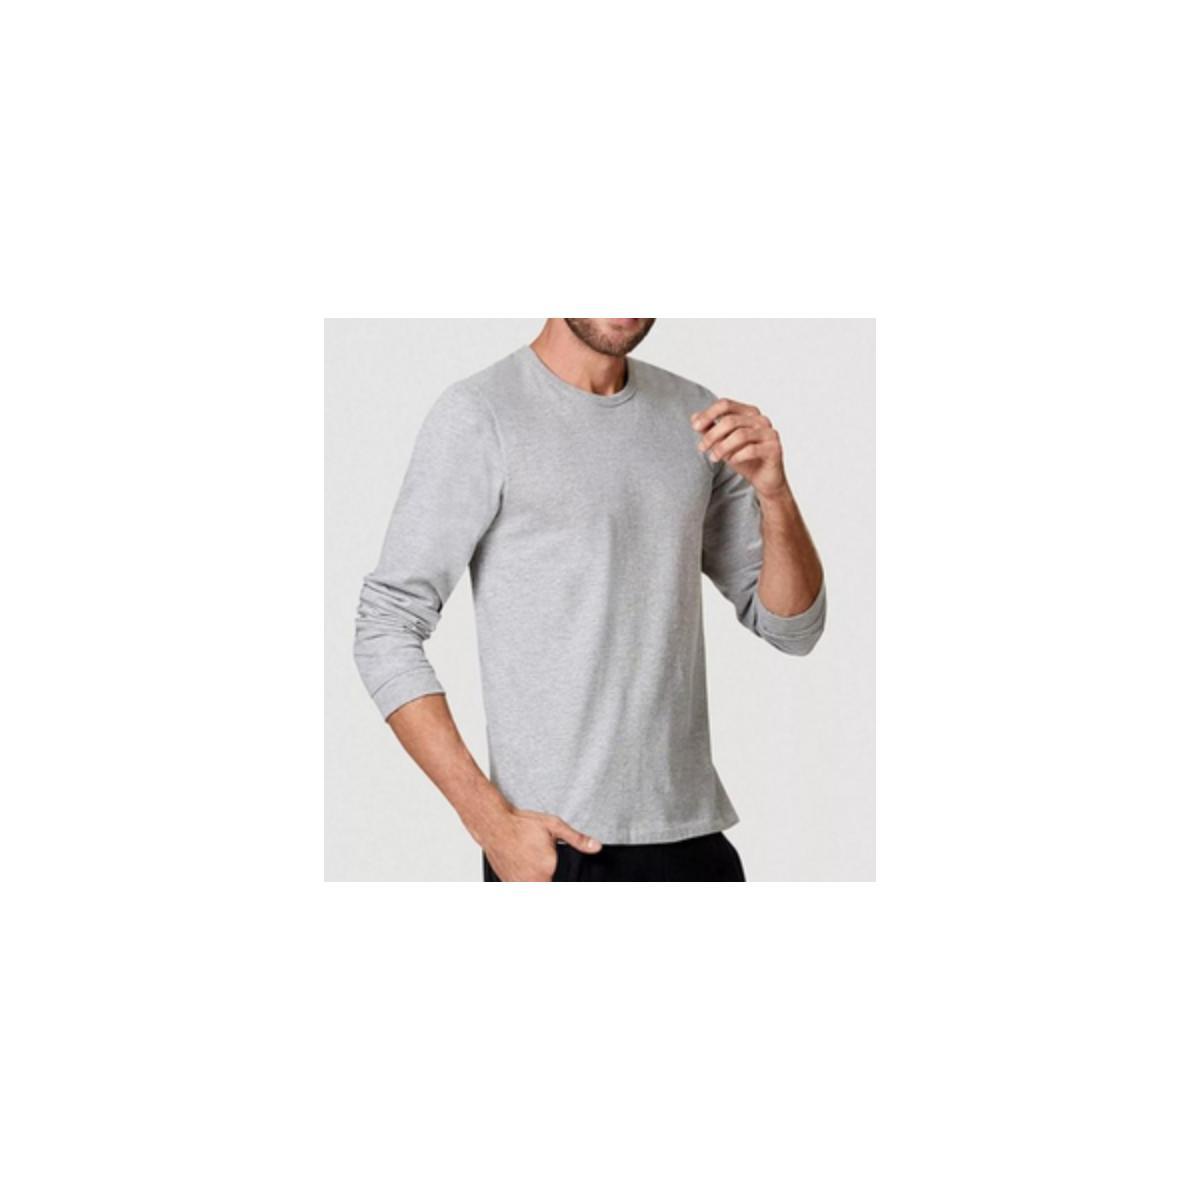 Camiseta Masculina Hering N204 M2h07s Mescla